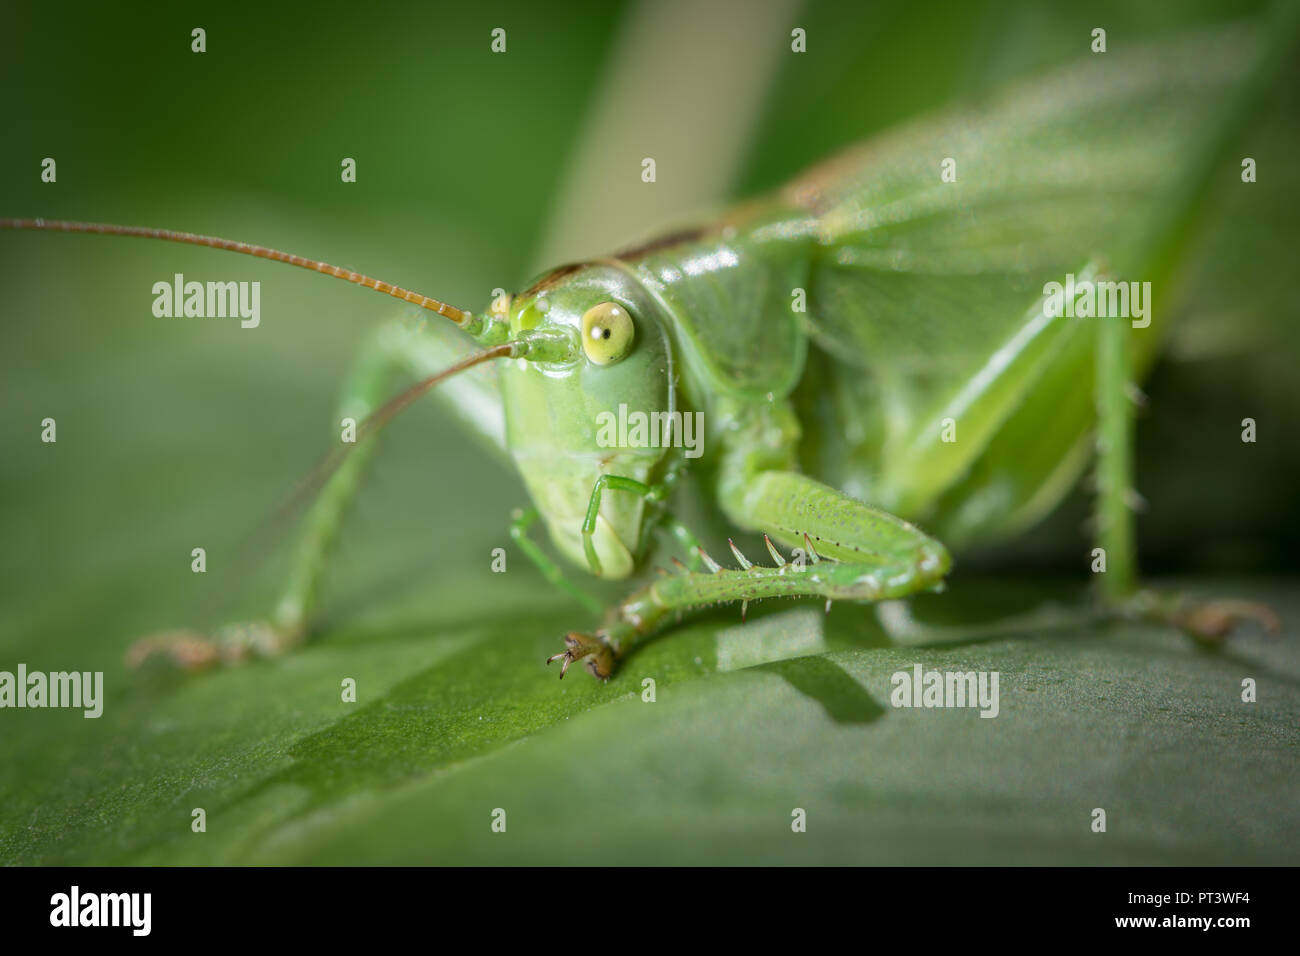 Porträt eines großen Green Bush - Kricket Tettigonia Viridissima) sitzt auf einem Blatt Stockbild